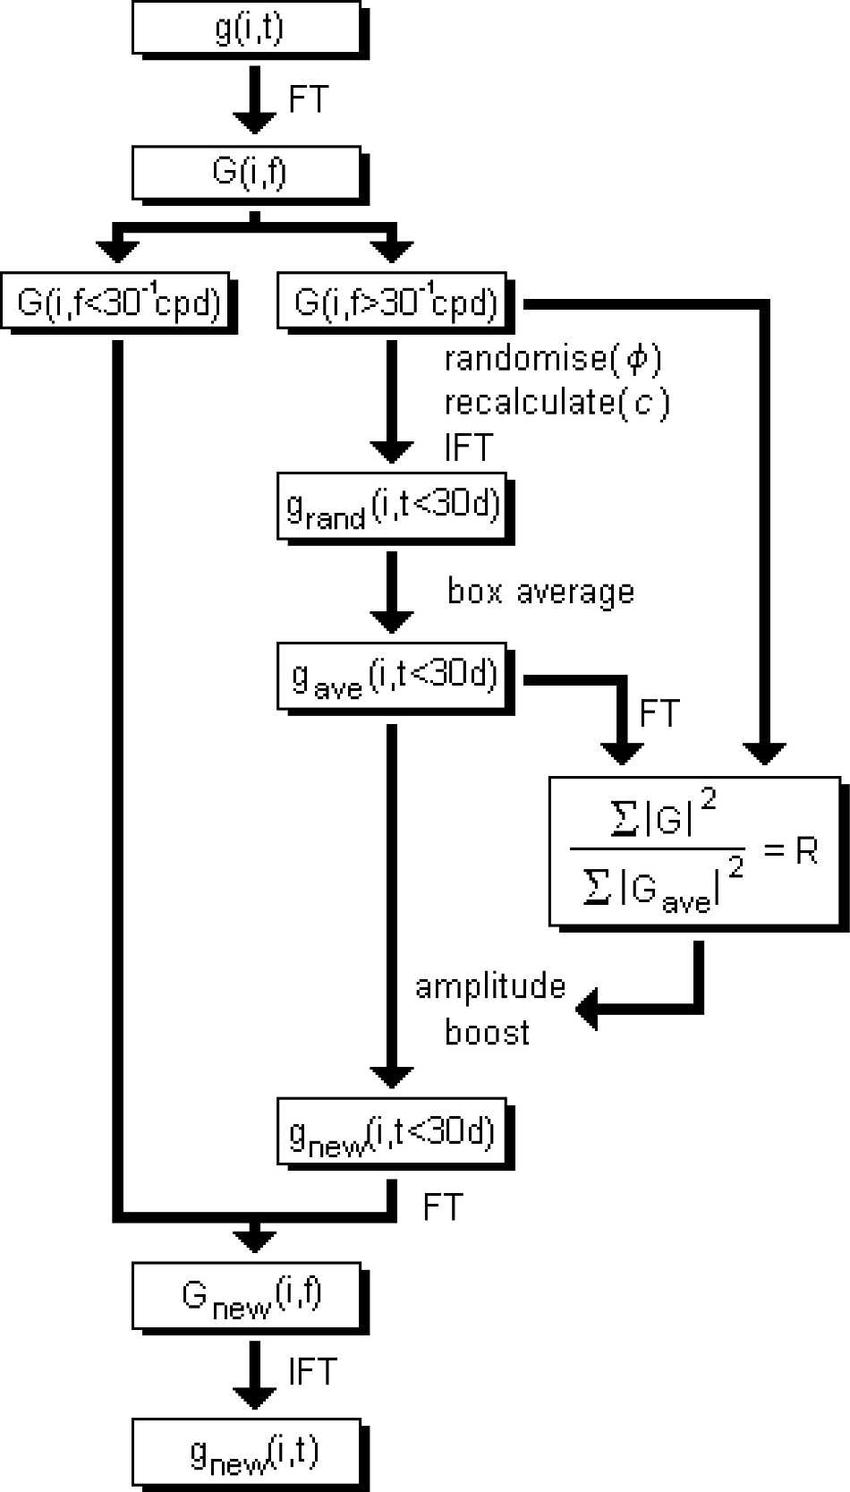 Flow diagram, describing the process of randomizing the